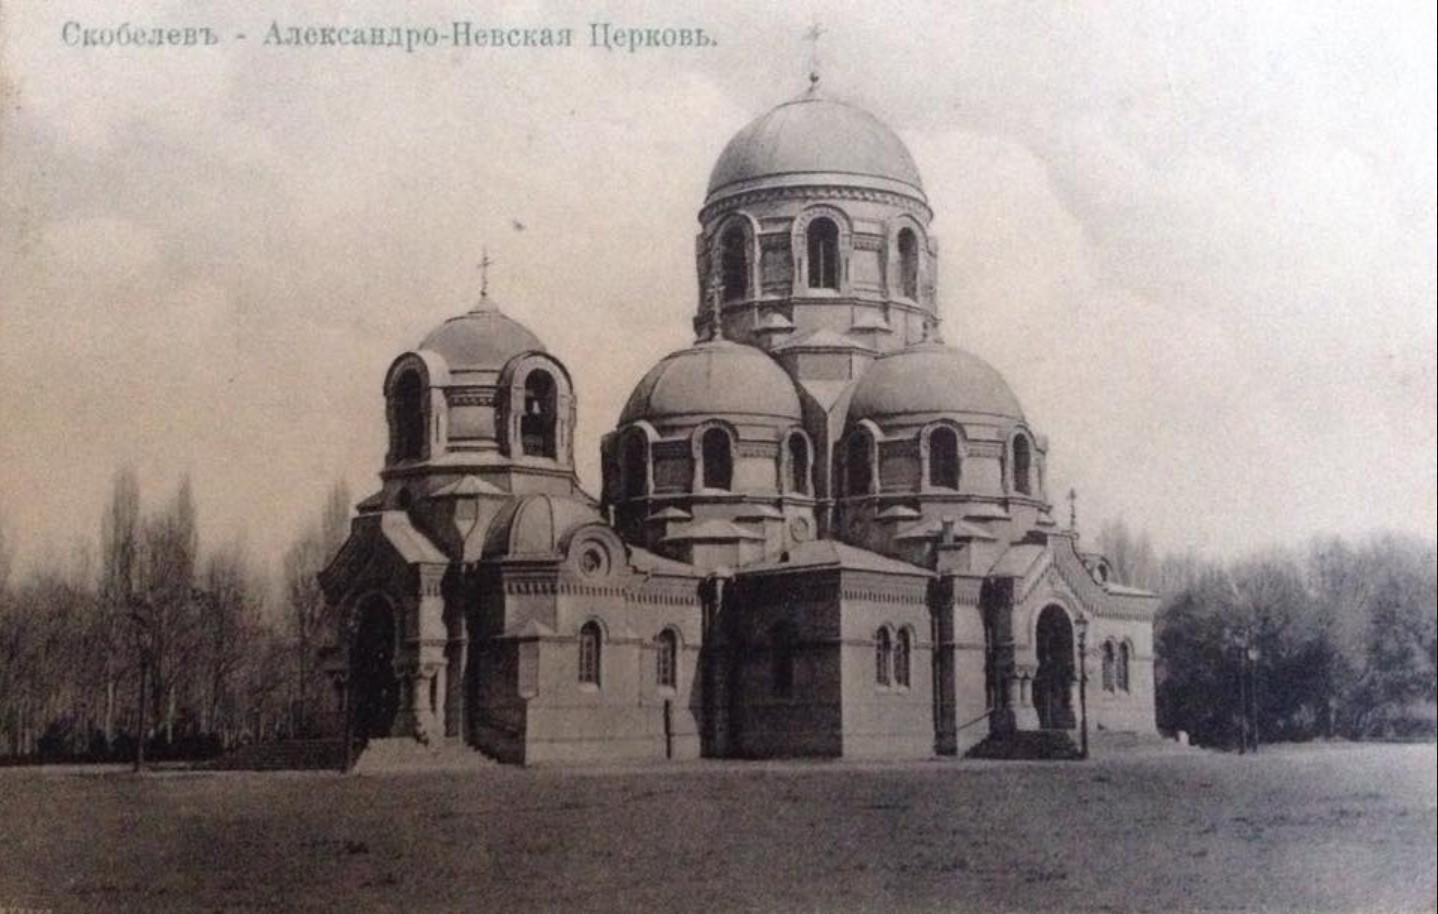 Скобелев. Александро-Невская церковь